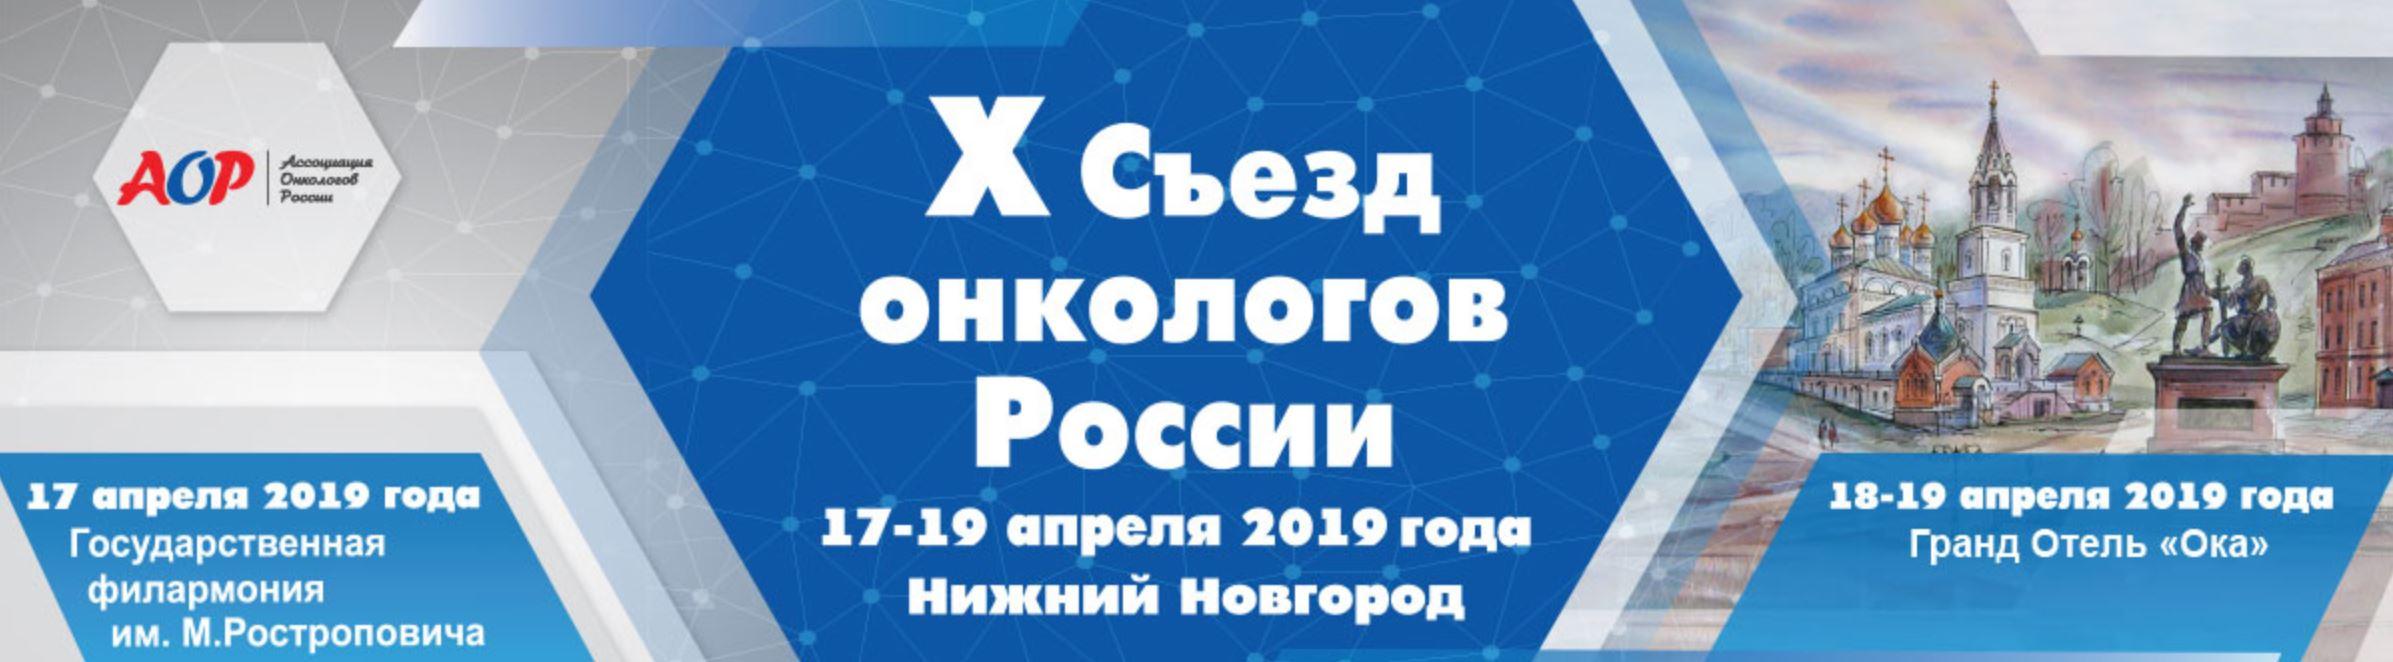 X Съезд онкологов России